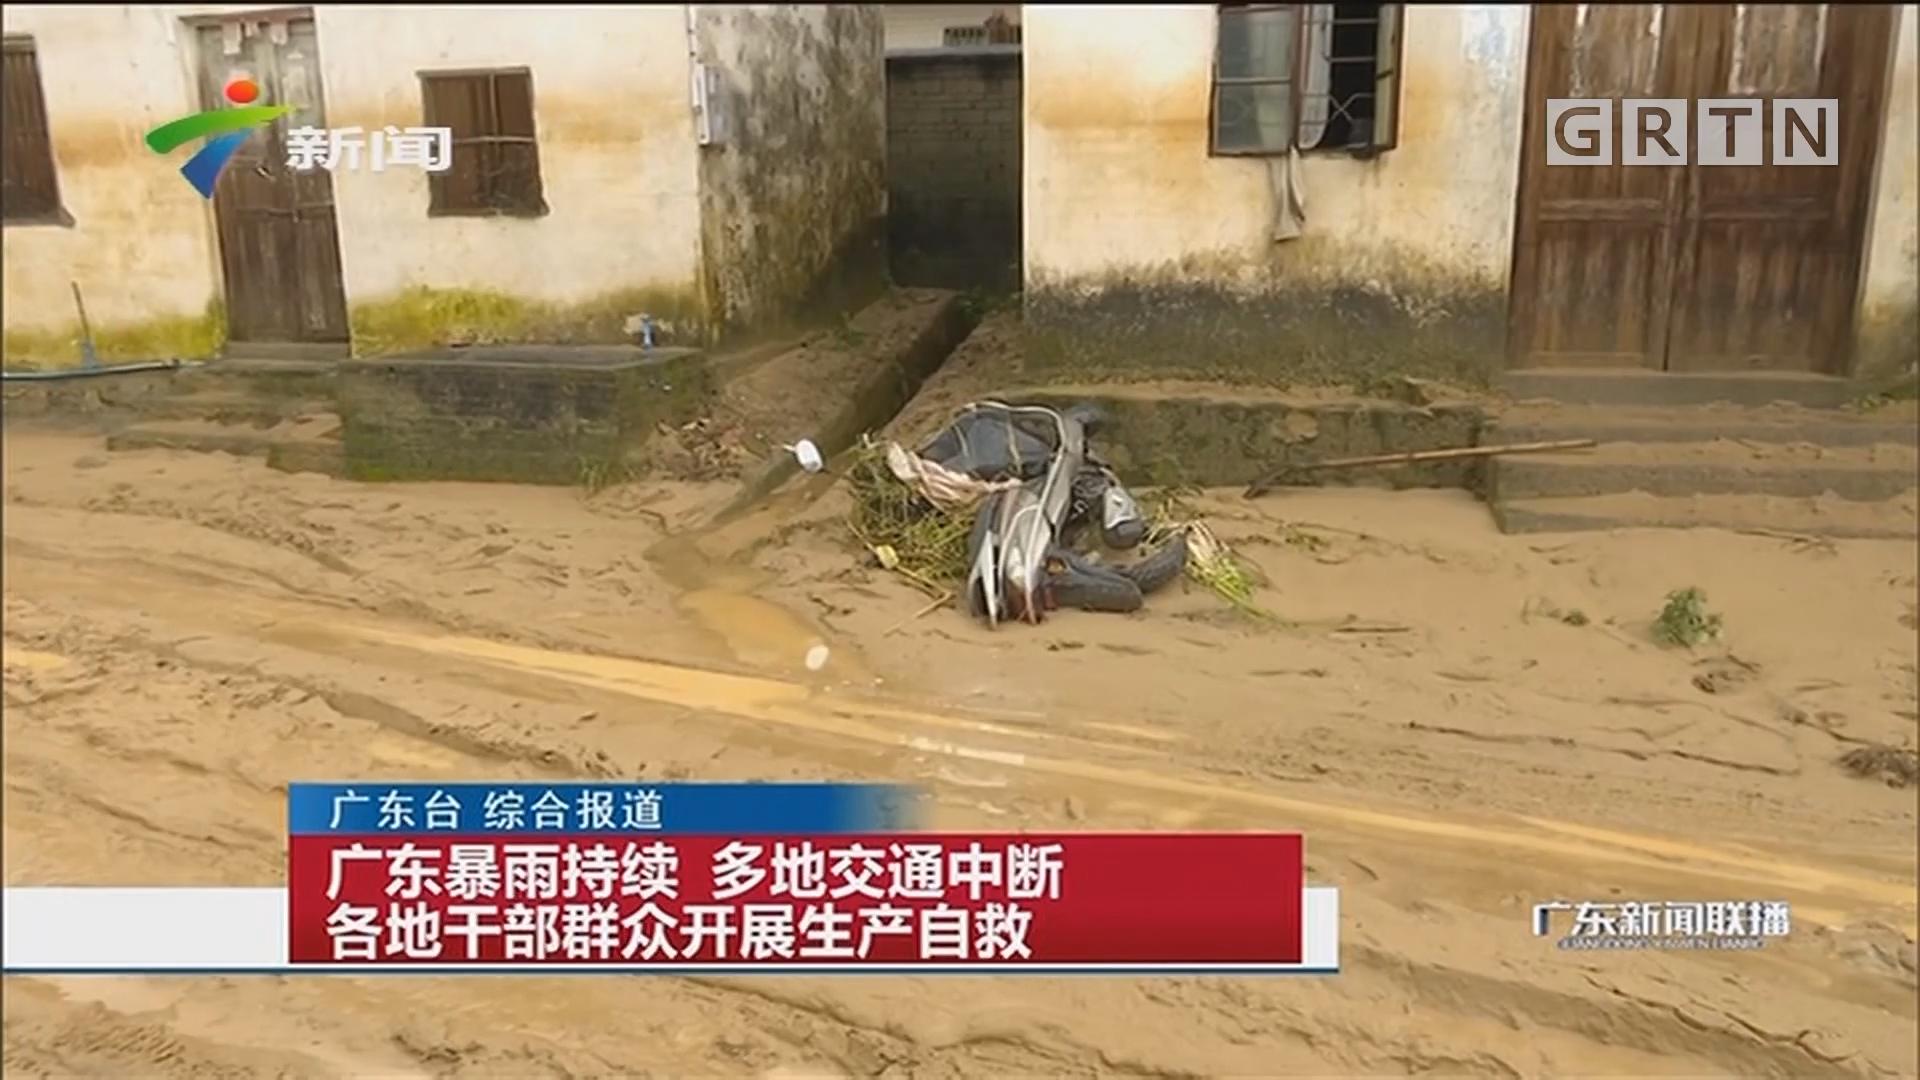 廣東暴雨持續 多地交通中斷 各地干部群眾開展生產自救